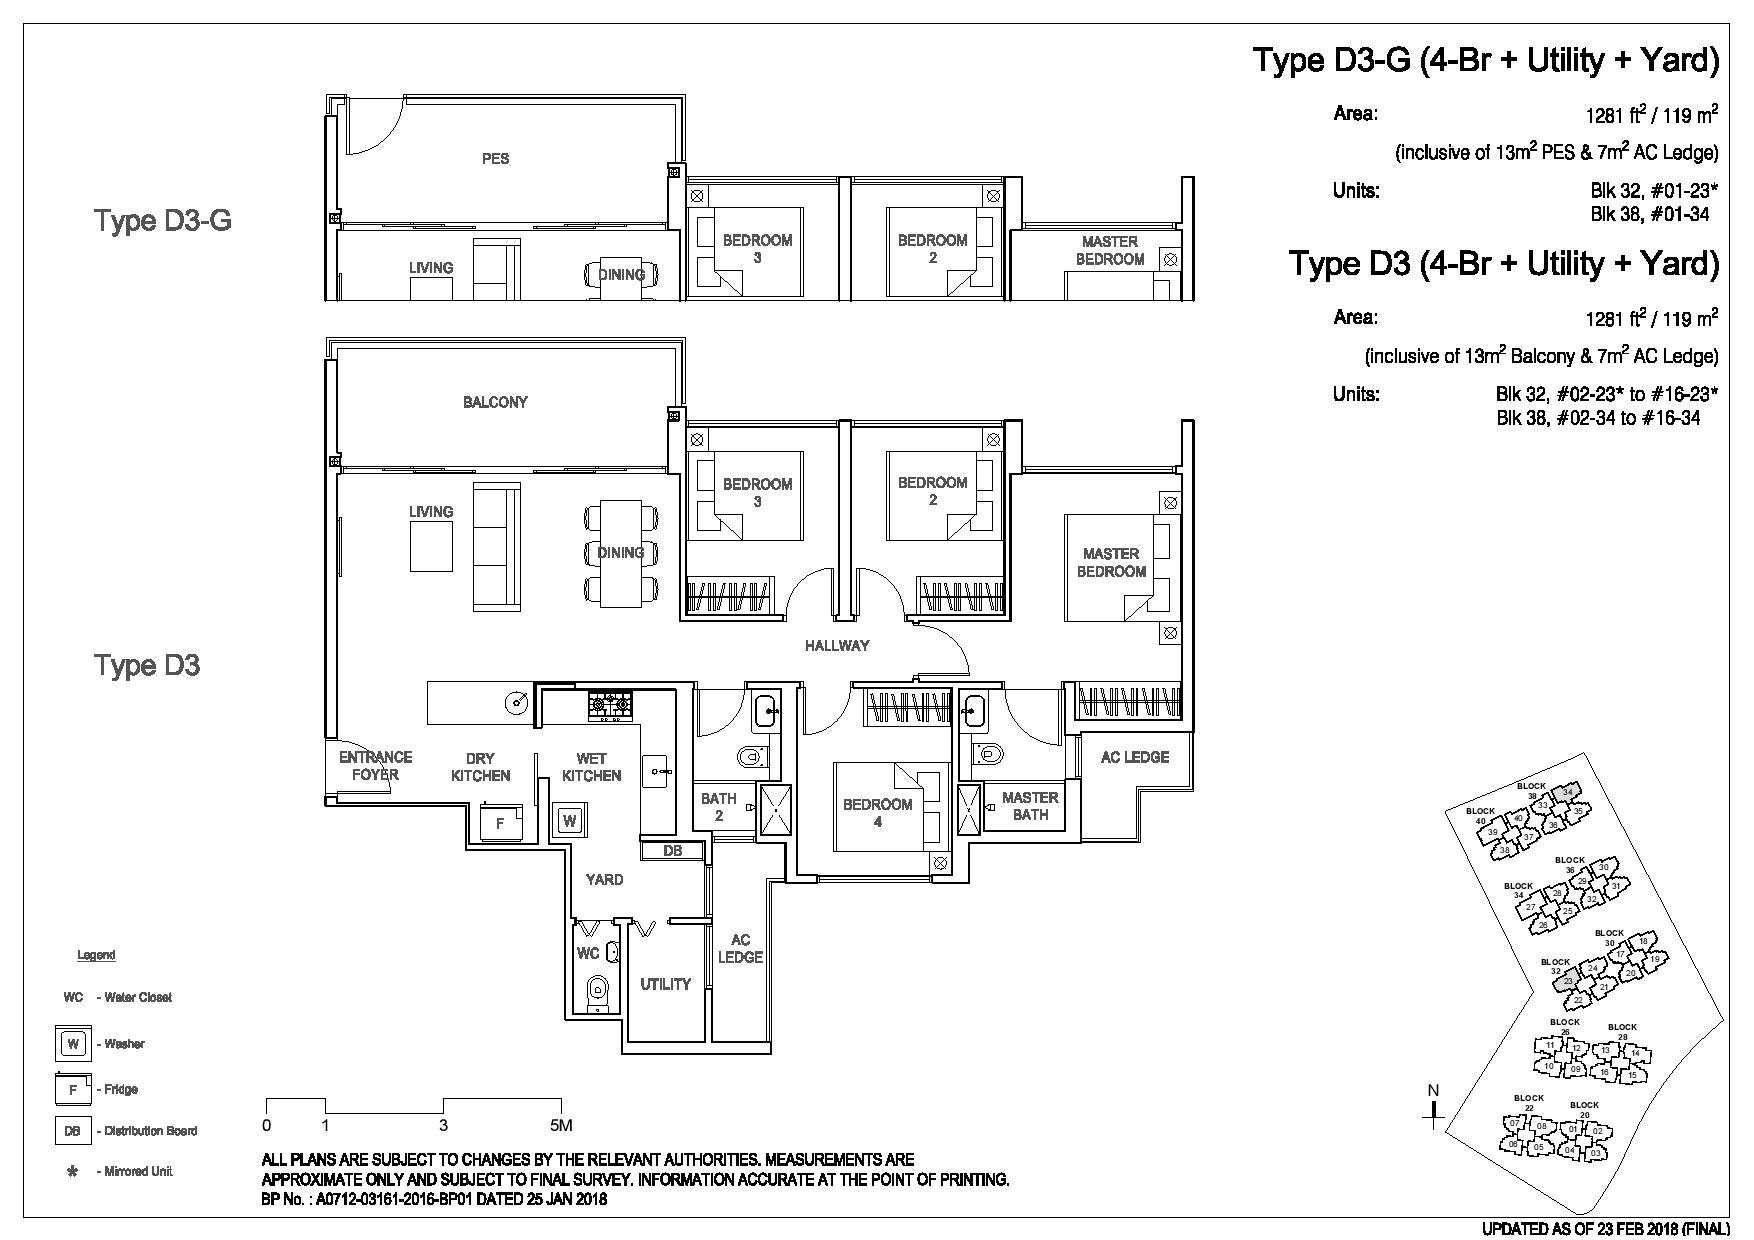 3 Bedroom Type D3